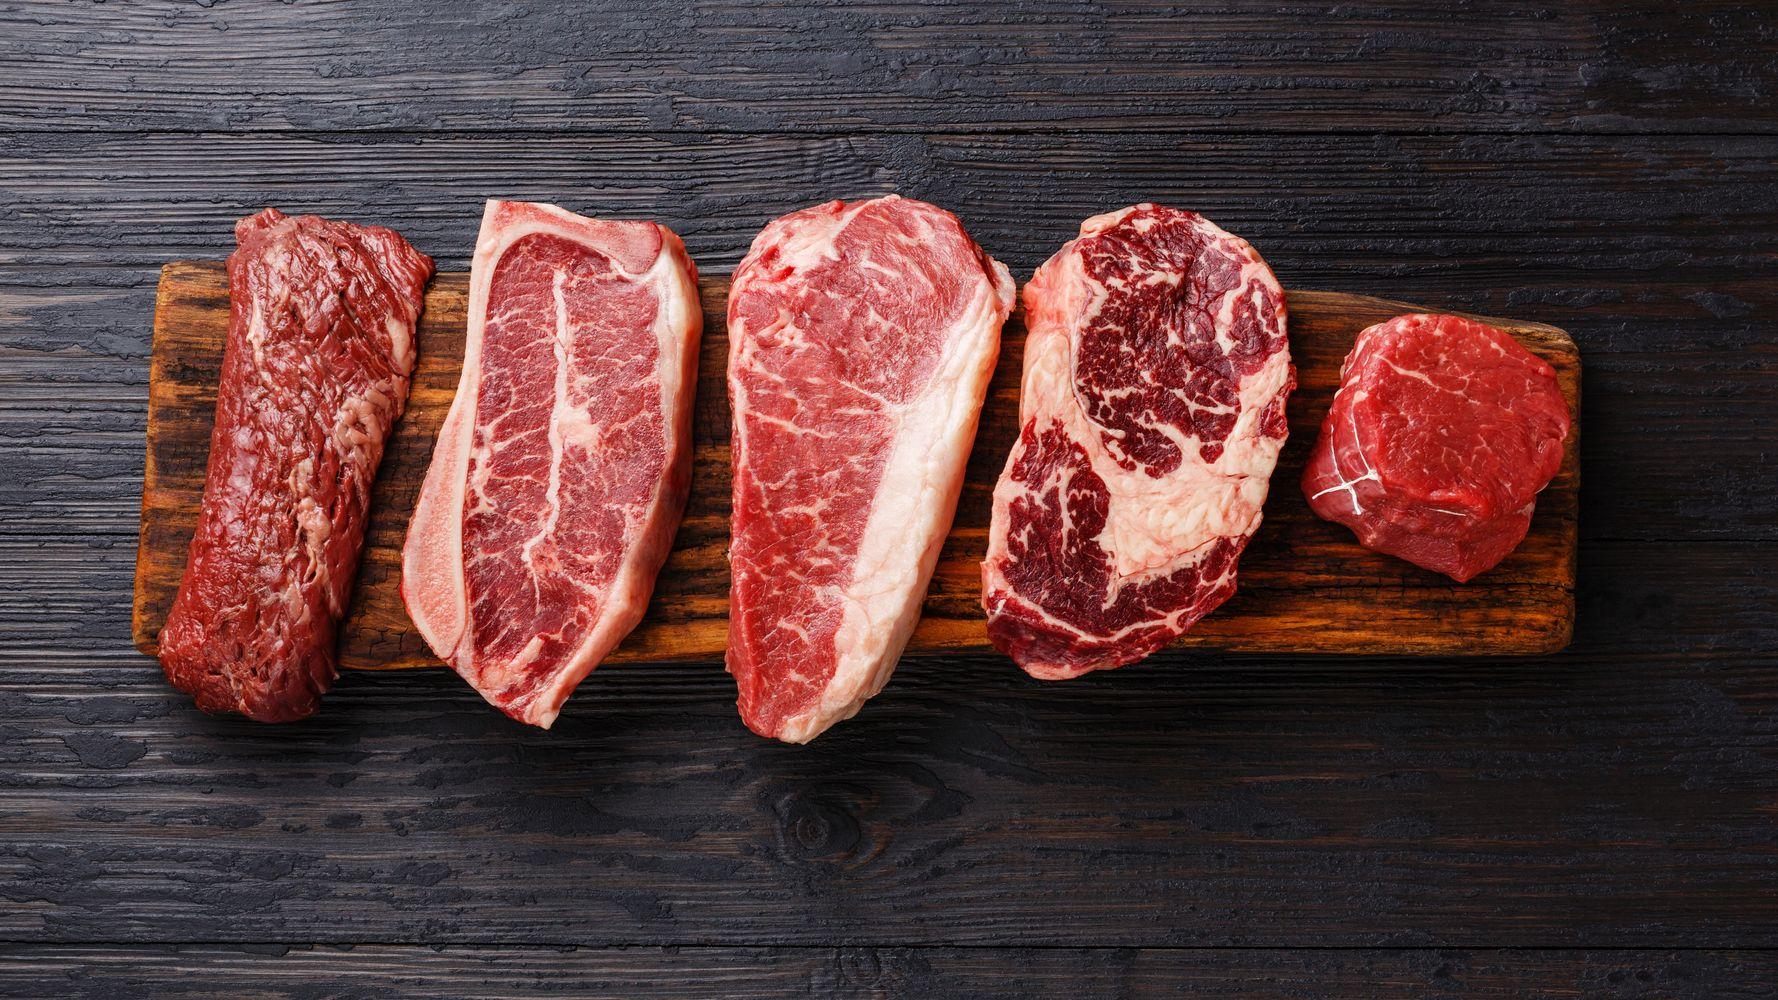 Manger moins de viande rouge est-il nécessaire? Ces chercheurs ...